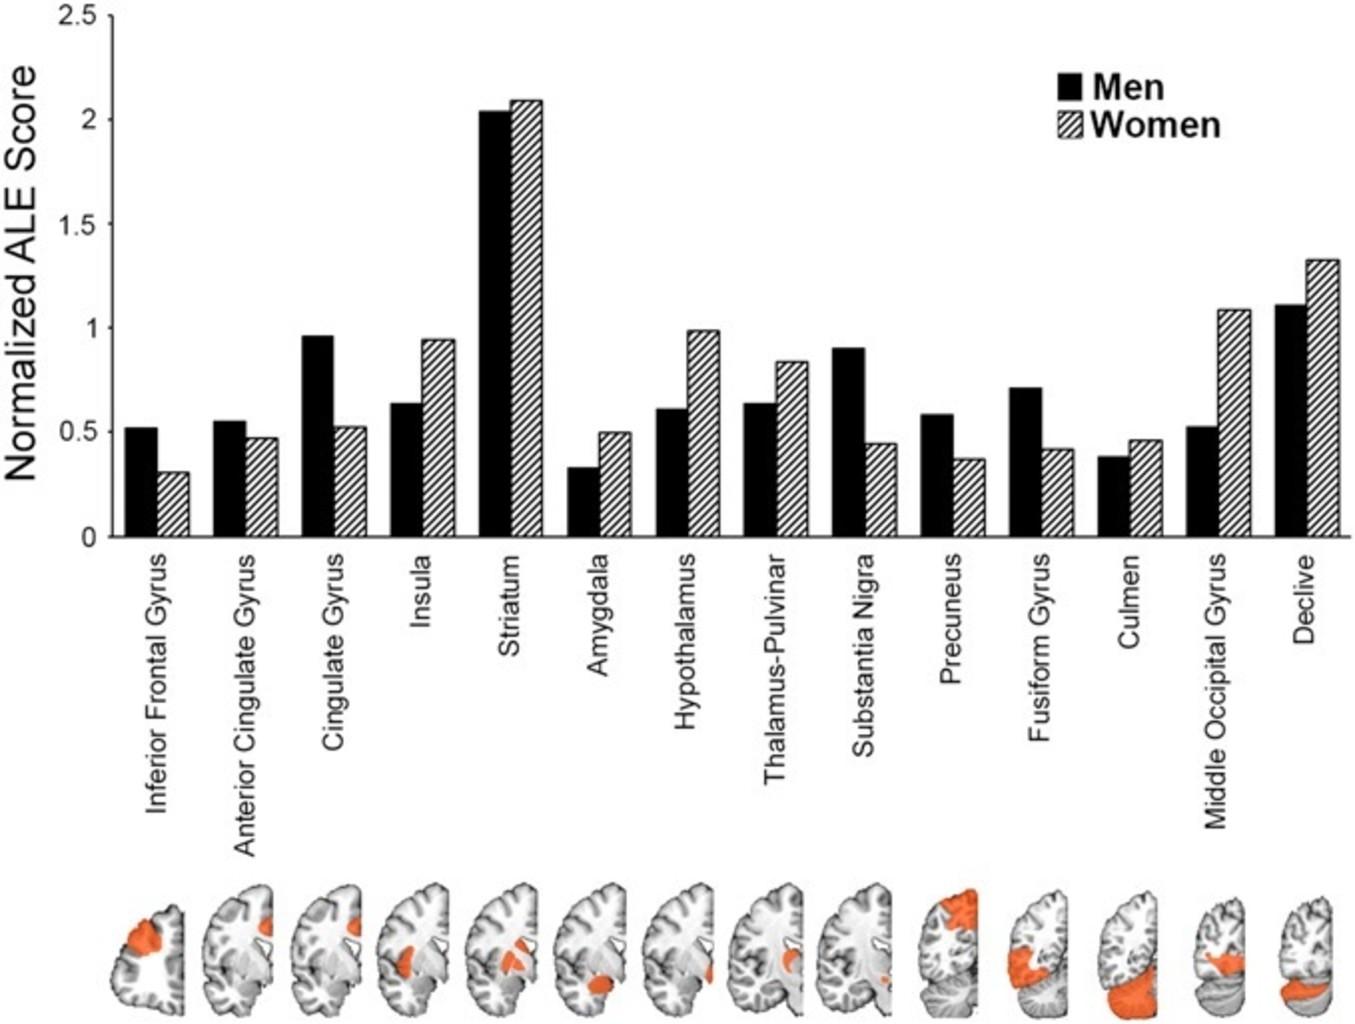 Активация различных участков мозга при половом возбуждении от просмотра эротических фото и видео у мужчин и женщин. Фото: Ekaterina Mitricheva et al. / Proceedings of the National Academy of Sciences, 2019